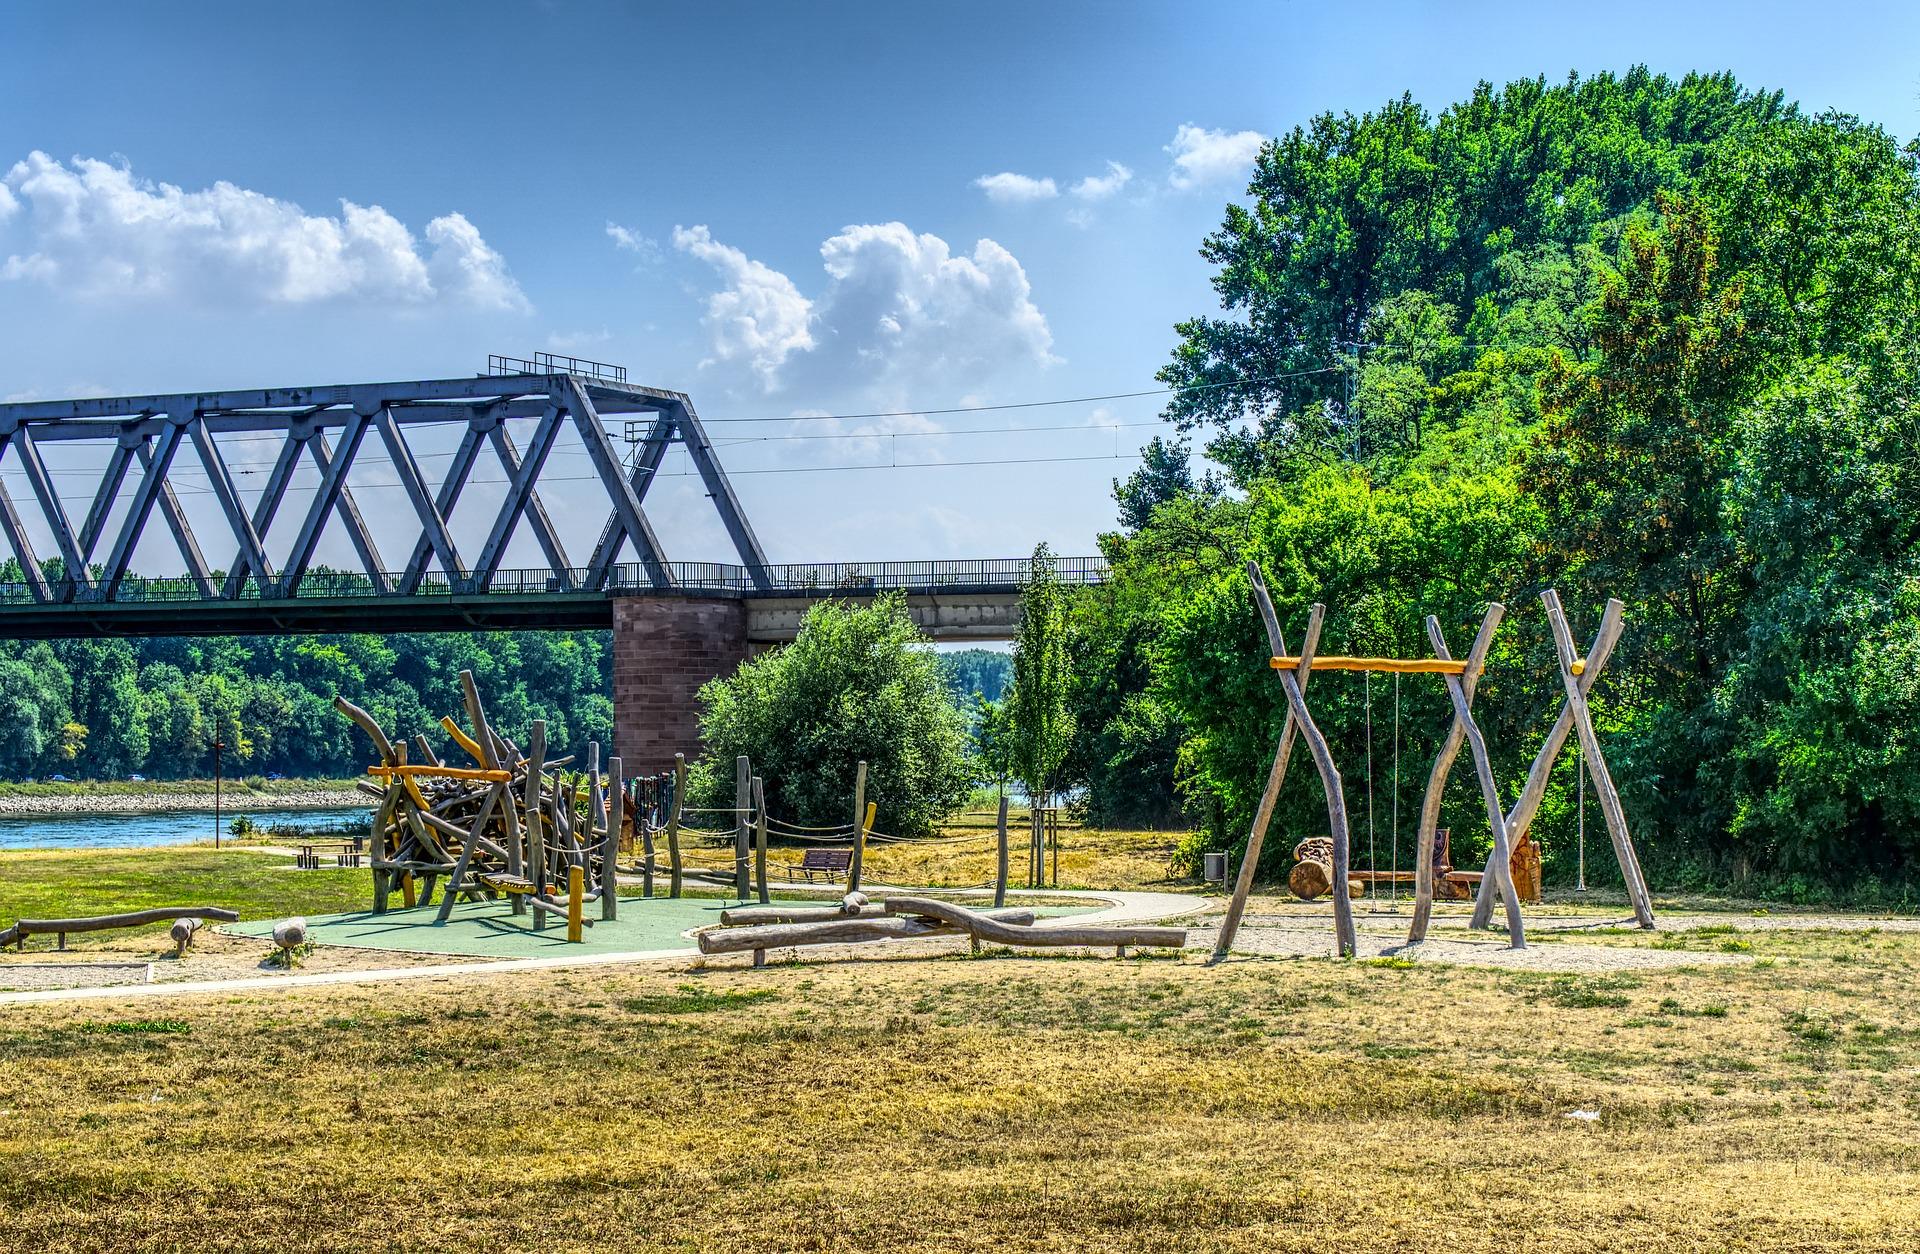 playground-3584693_1920.jpg